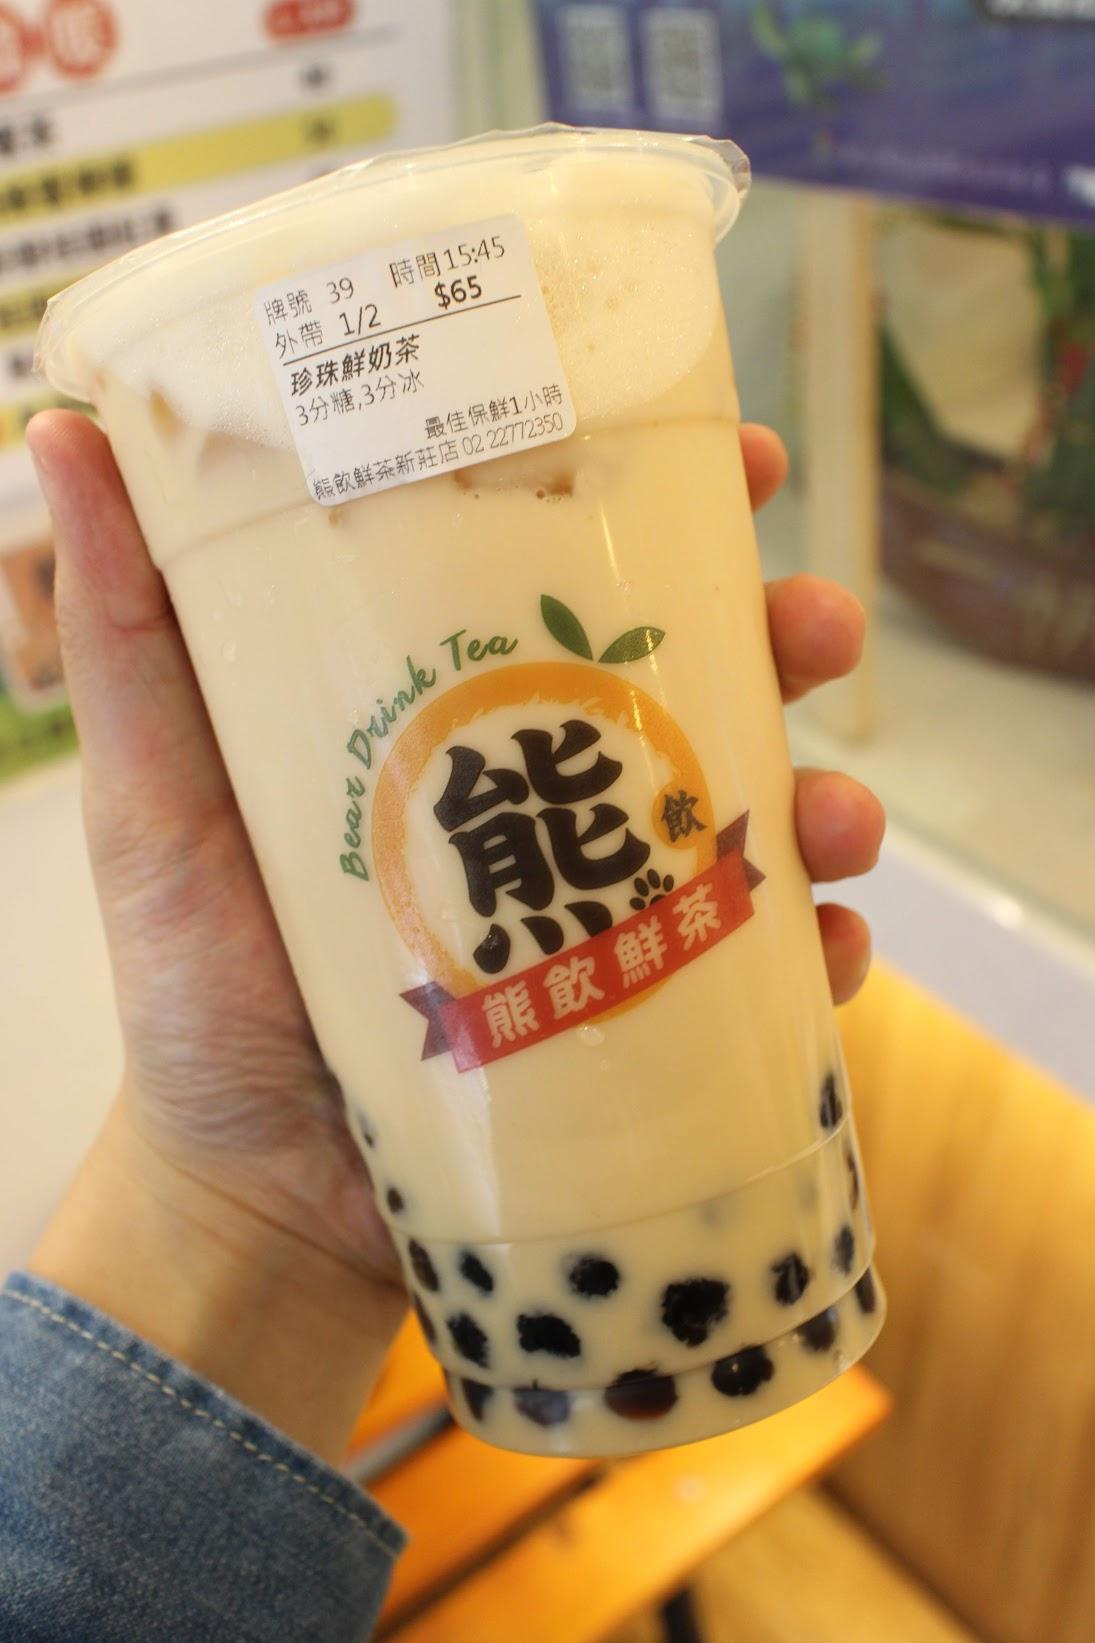 熊飲鮮茶珍珠鮮奶茶